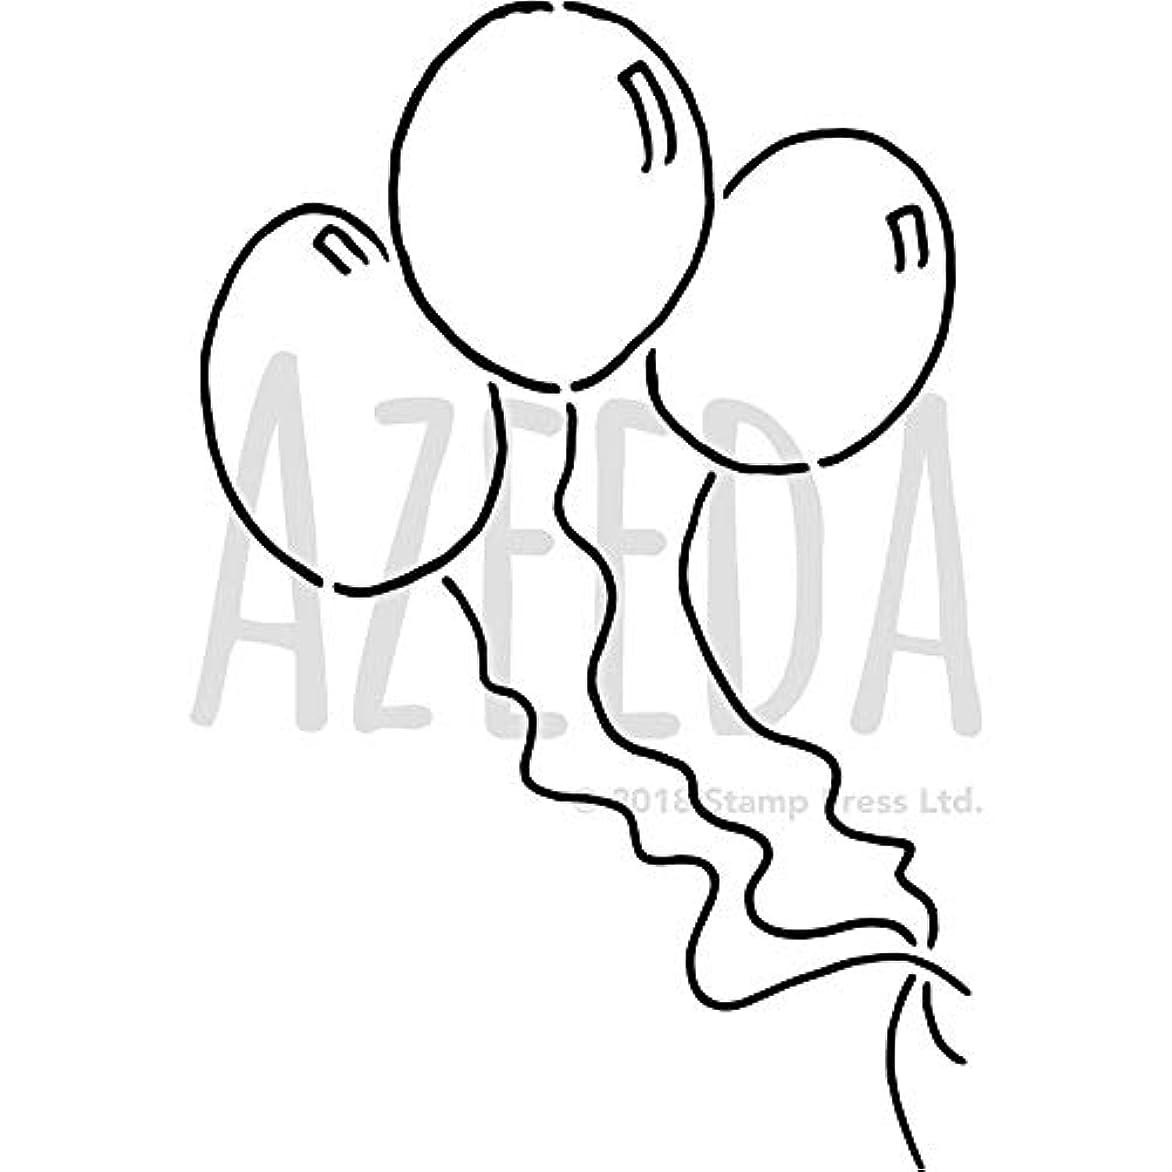 対応誓う矛盾Azeeda A3 「バルーン」壁ステンシル/テンプレート (WS00009180)